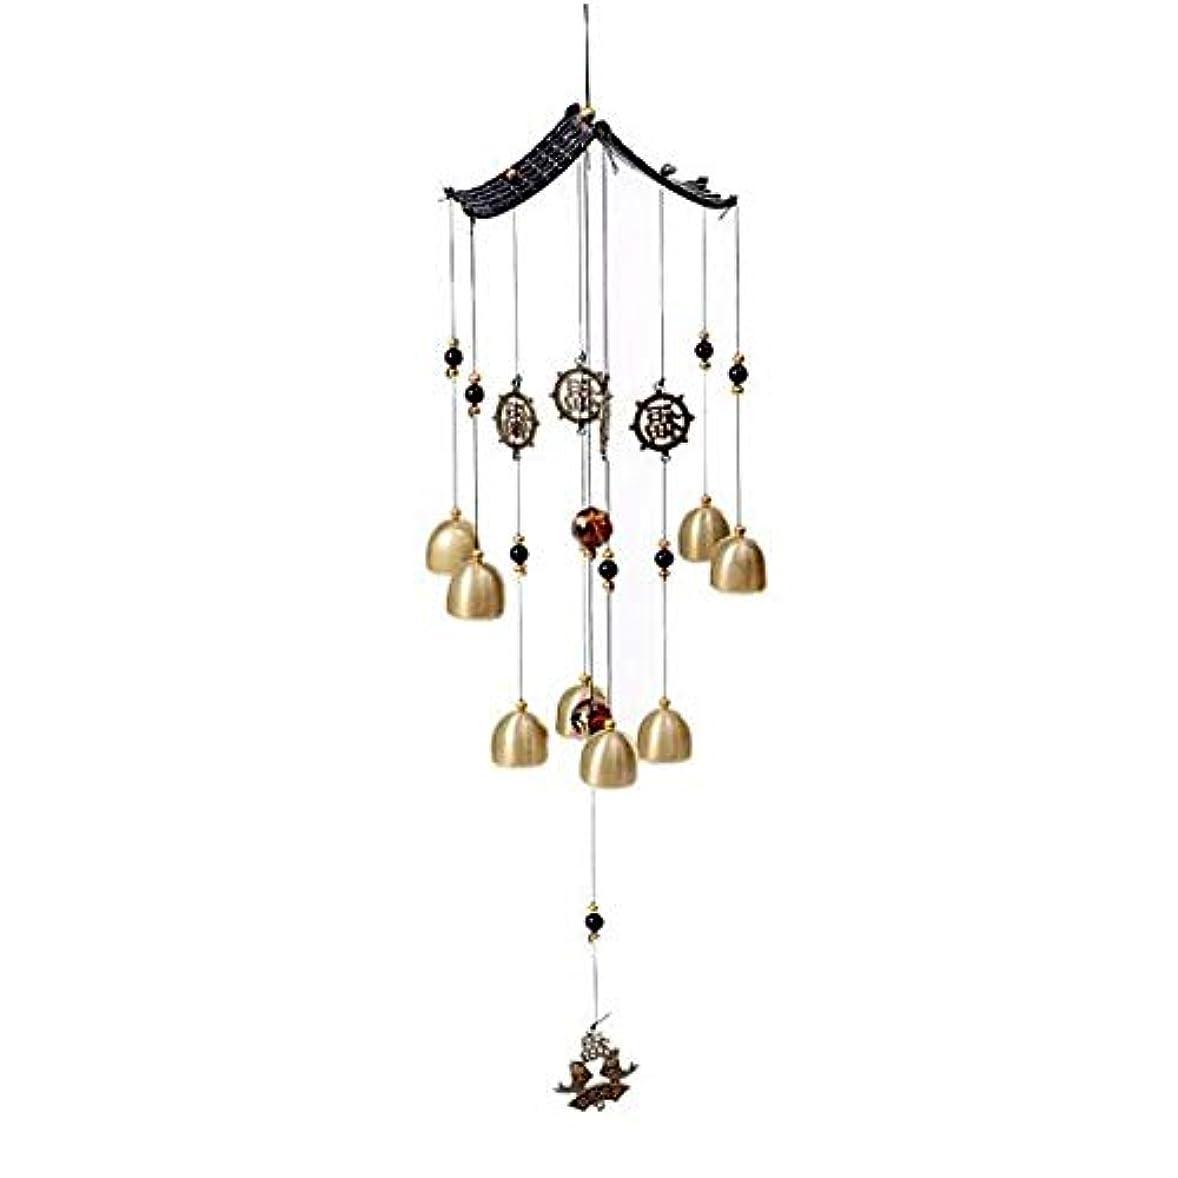 丈夫荒れ地スローFengshangshanghang 風チャイム、金属銅鐘ホームデコレーション、ブラック、サイズ62 * 13CM,家の装飾 (Color : Black-B)